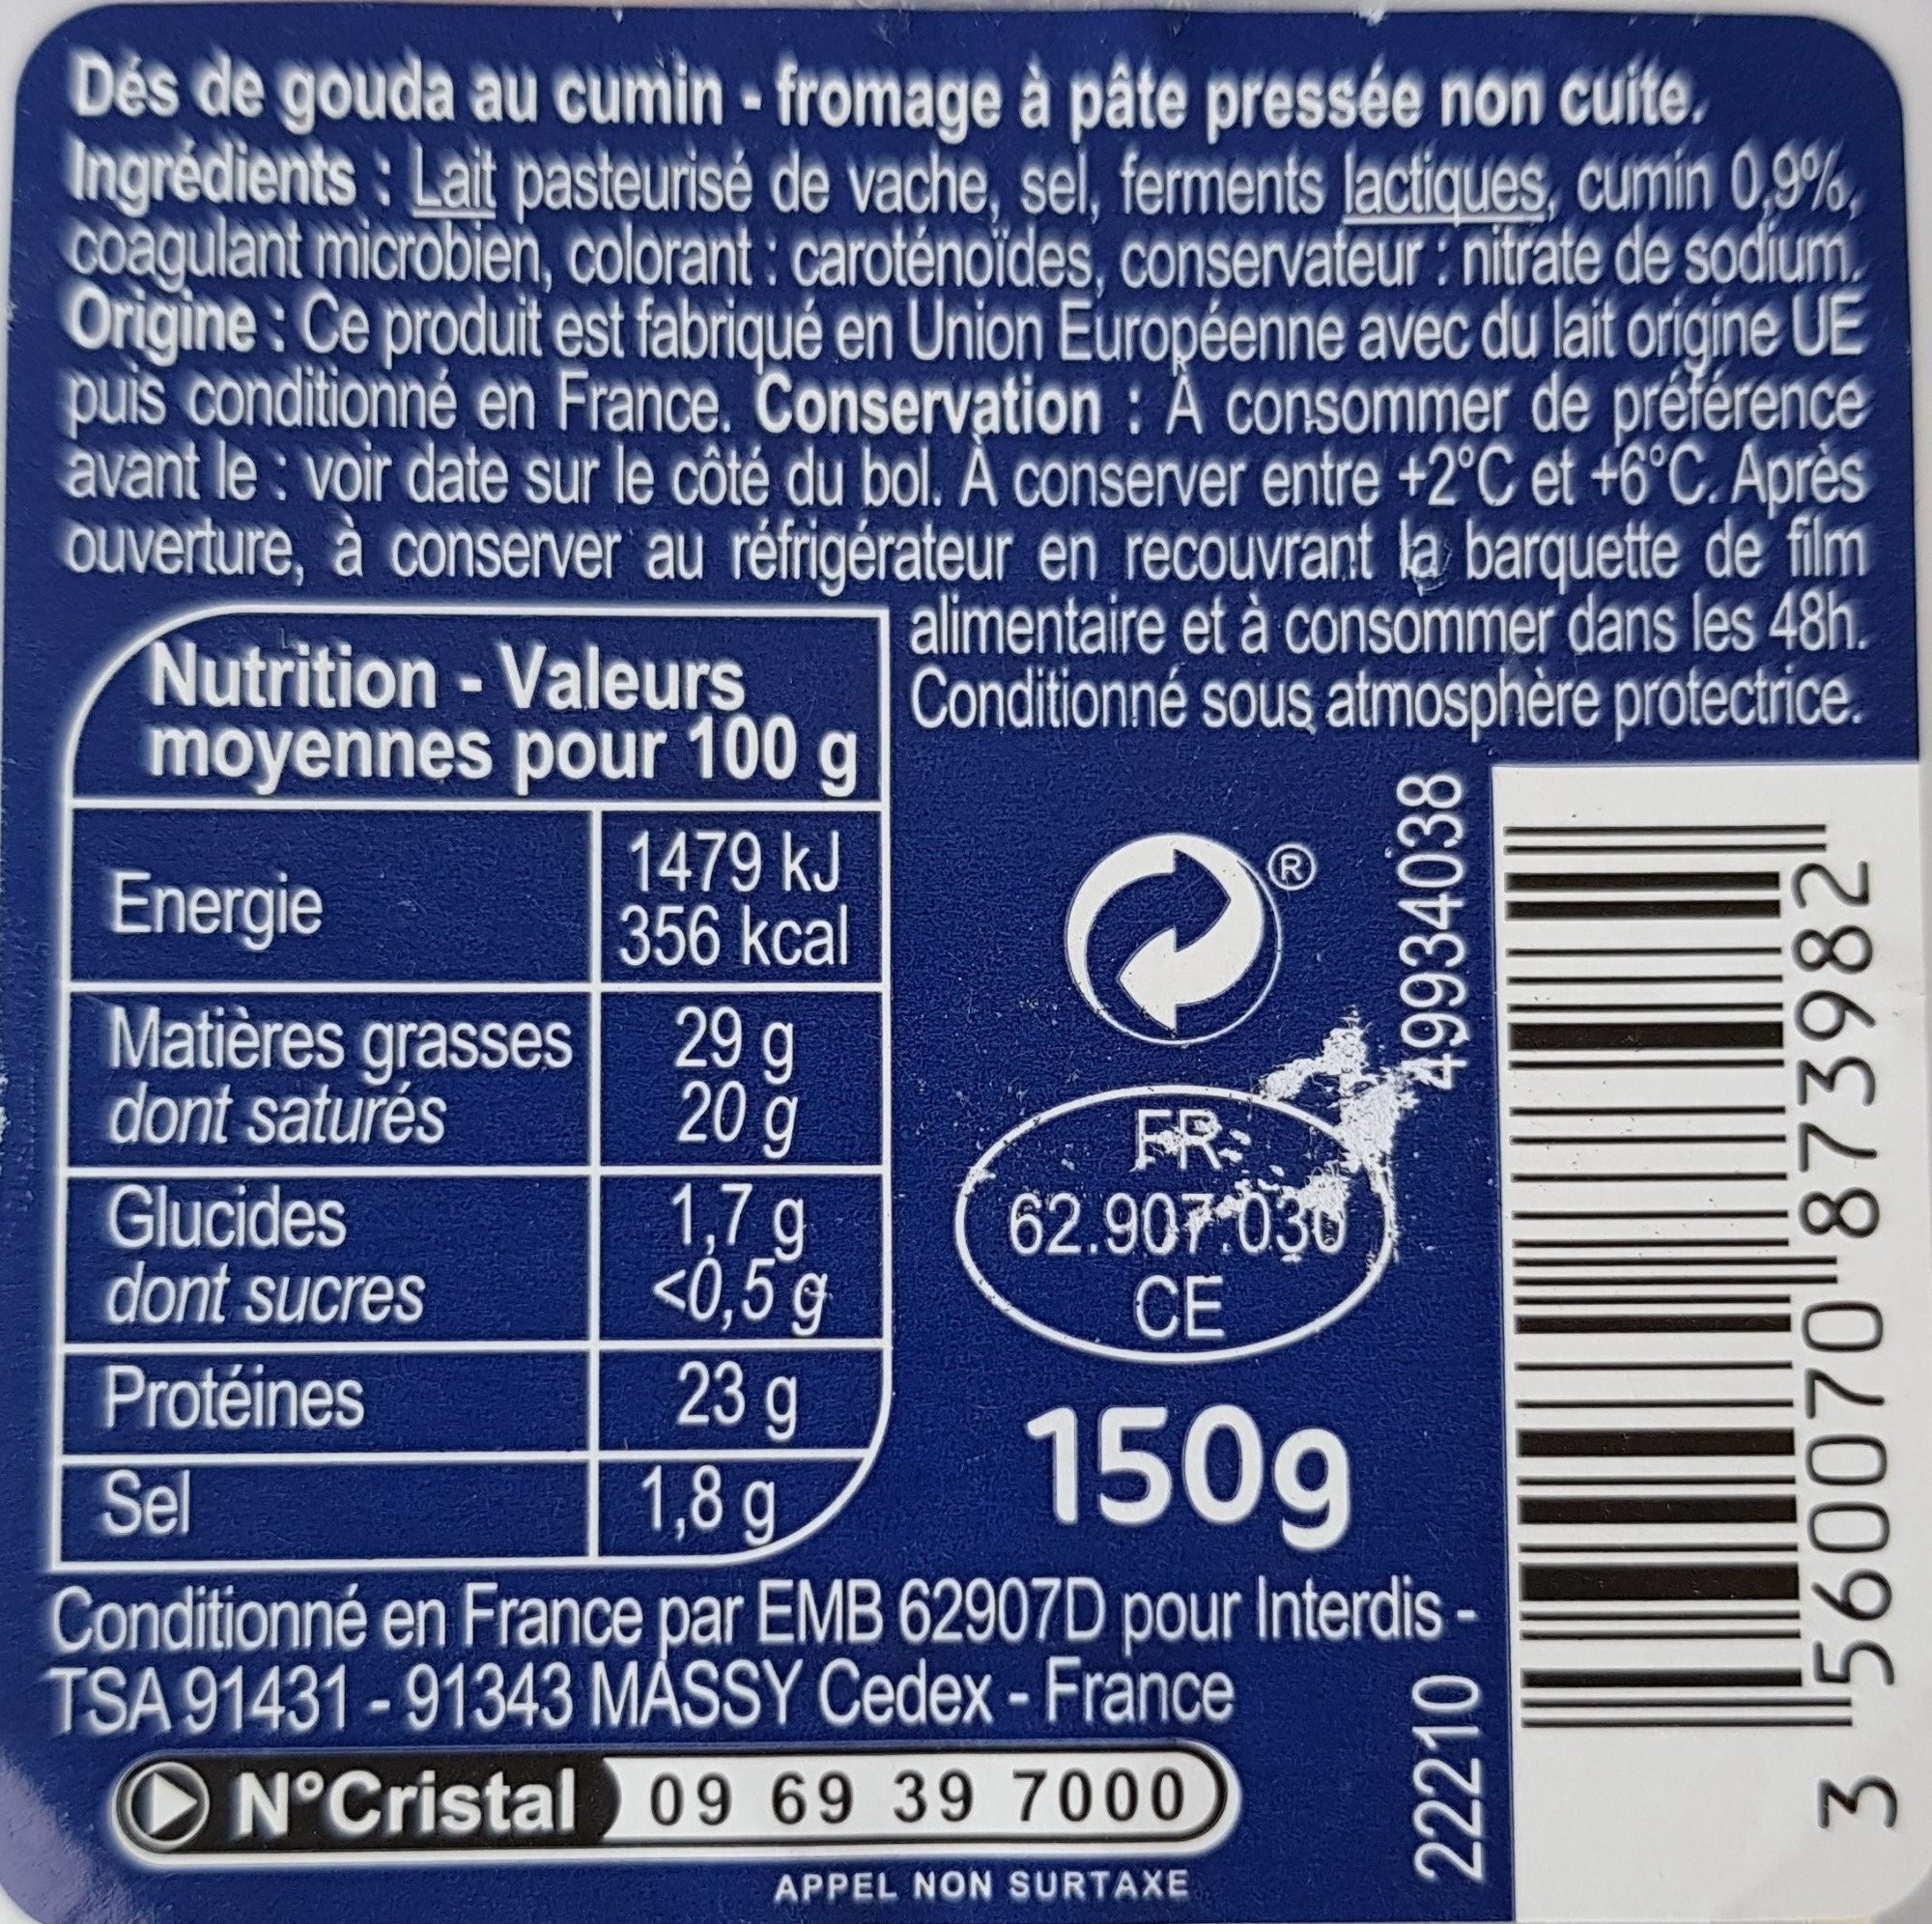 Dés de gouda au cumin (30 % M.G.) - Ingrediënten - fr